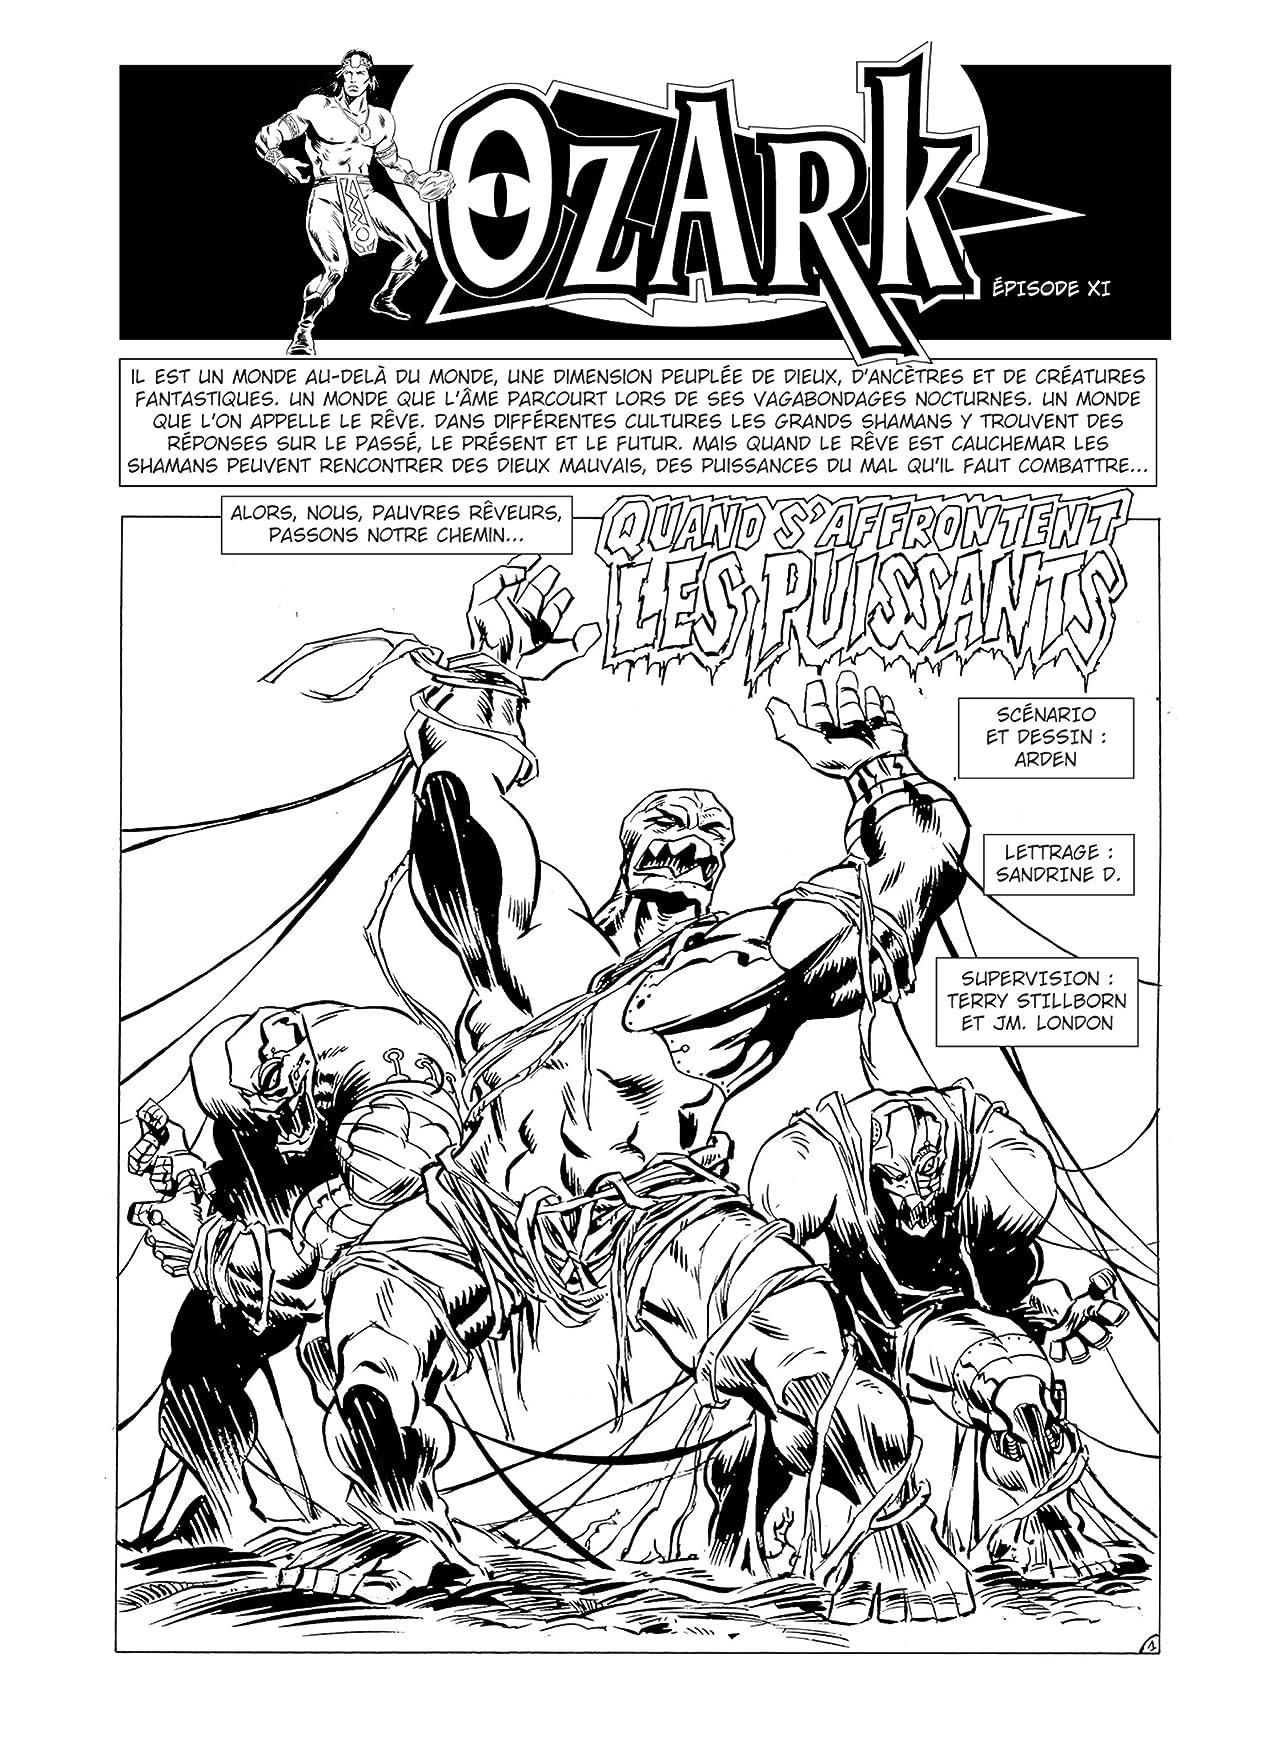 OZARK Vol. 10: Quand s'affrontent les Puissants